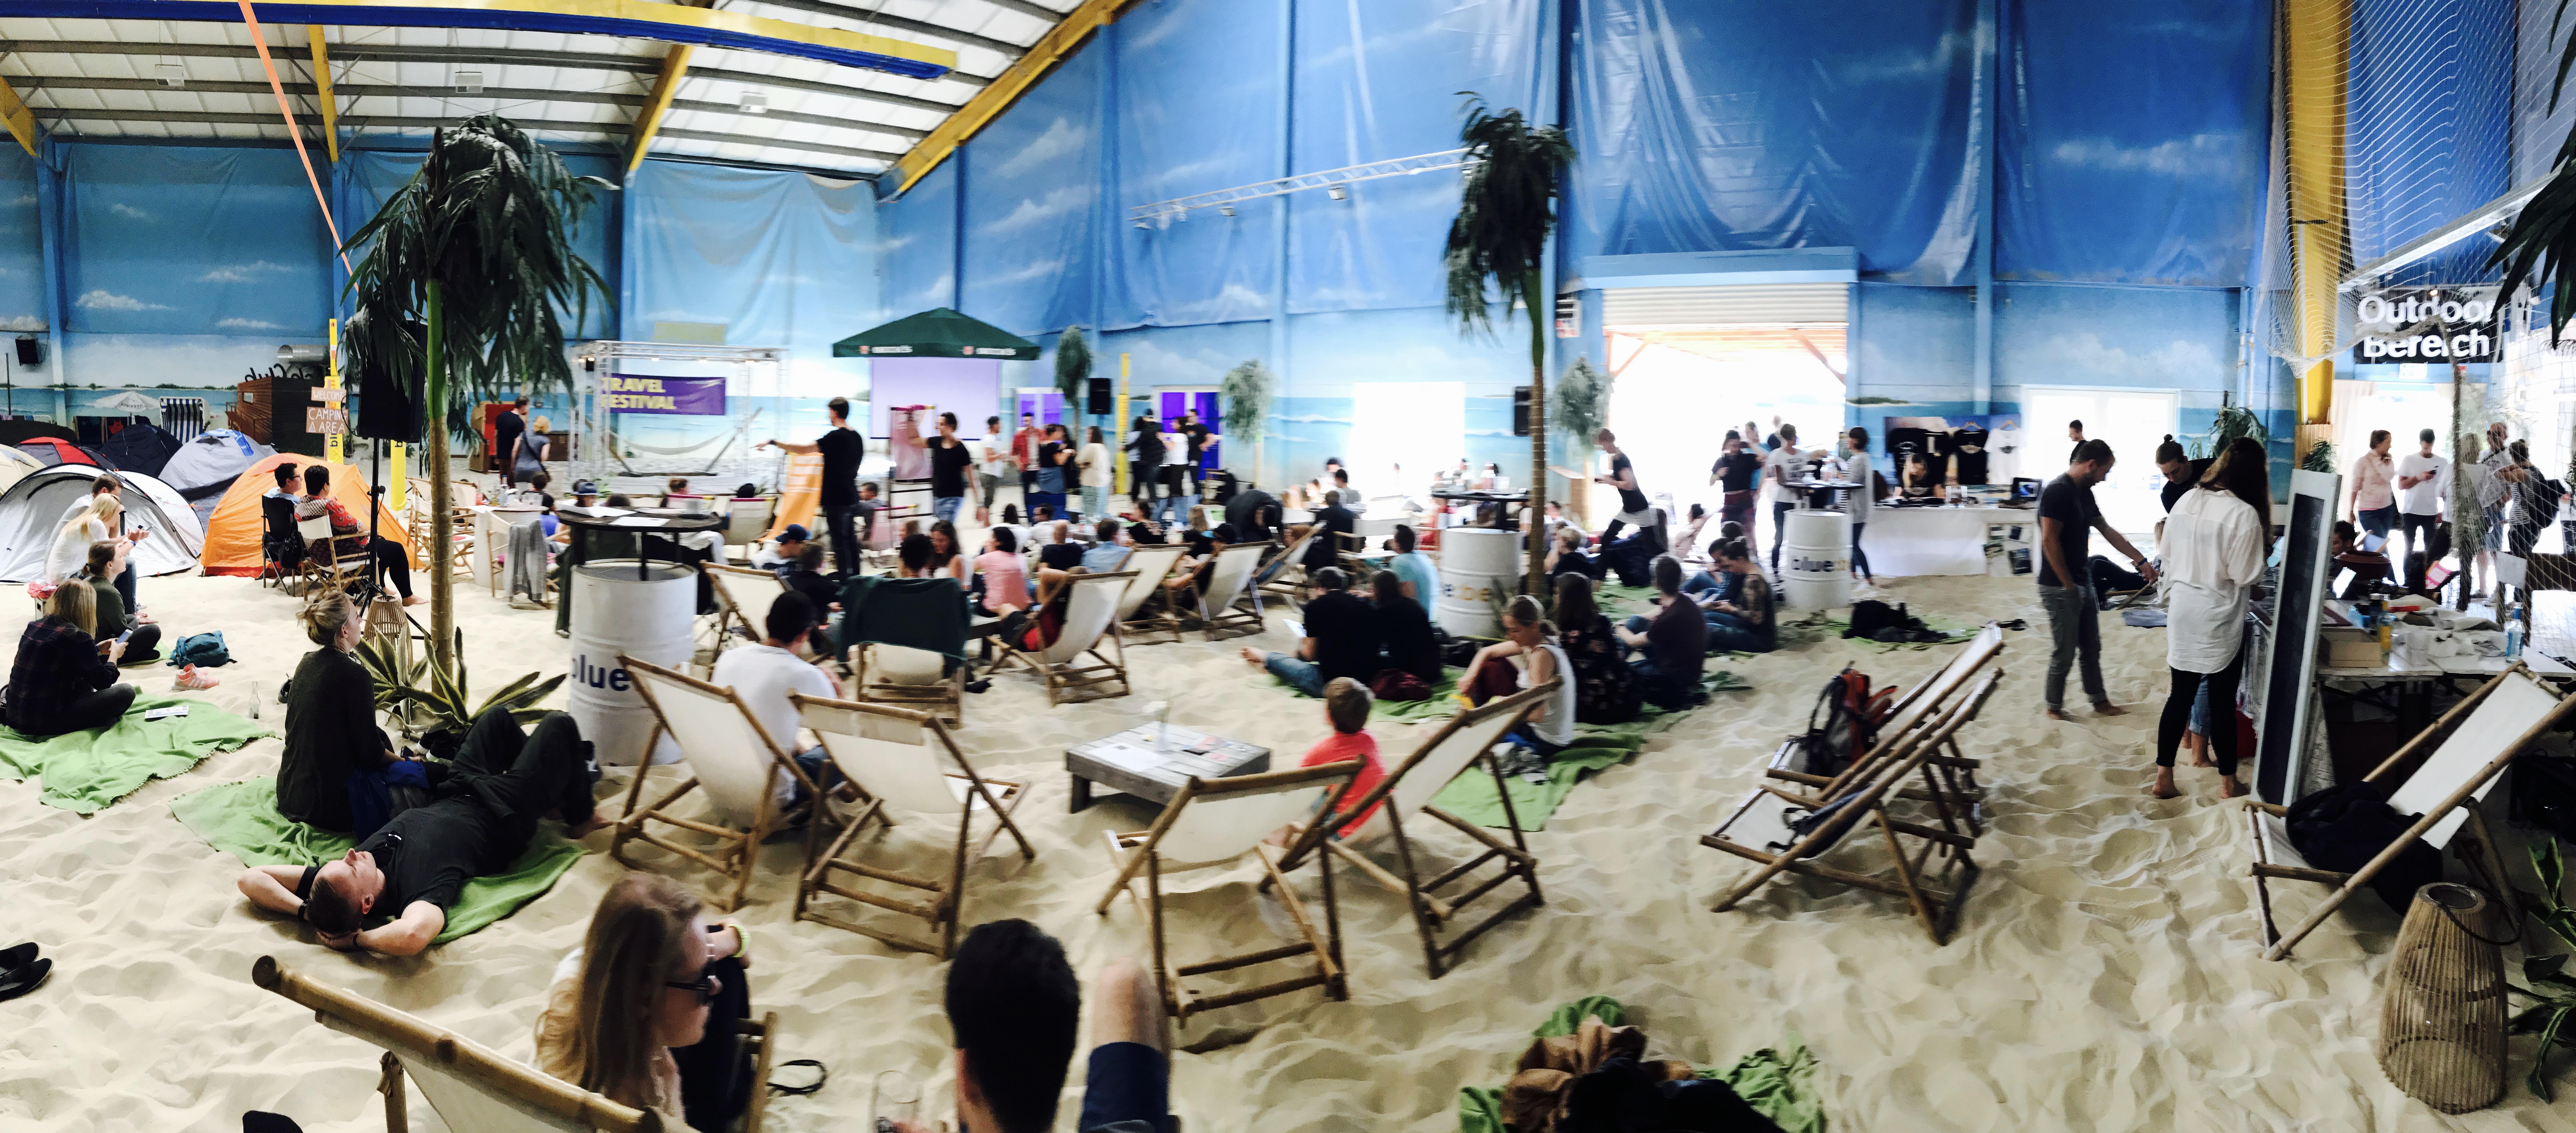 Blick auf das 2. Travel Festival im Blue Beach in Witten